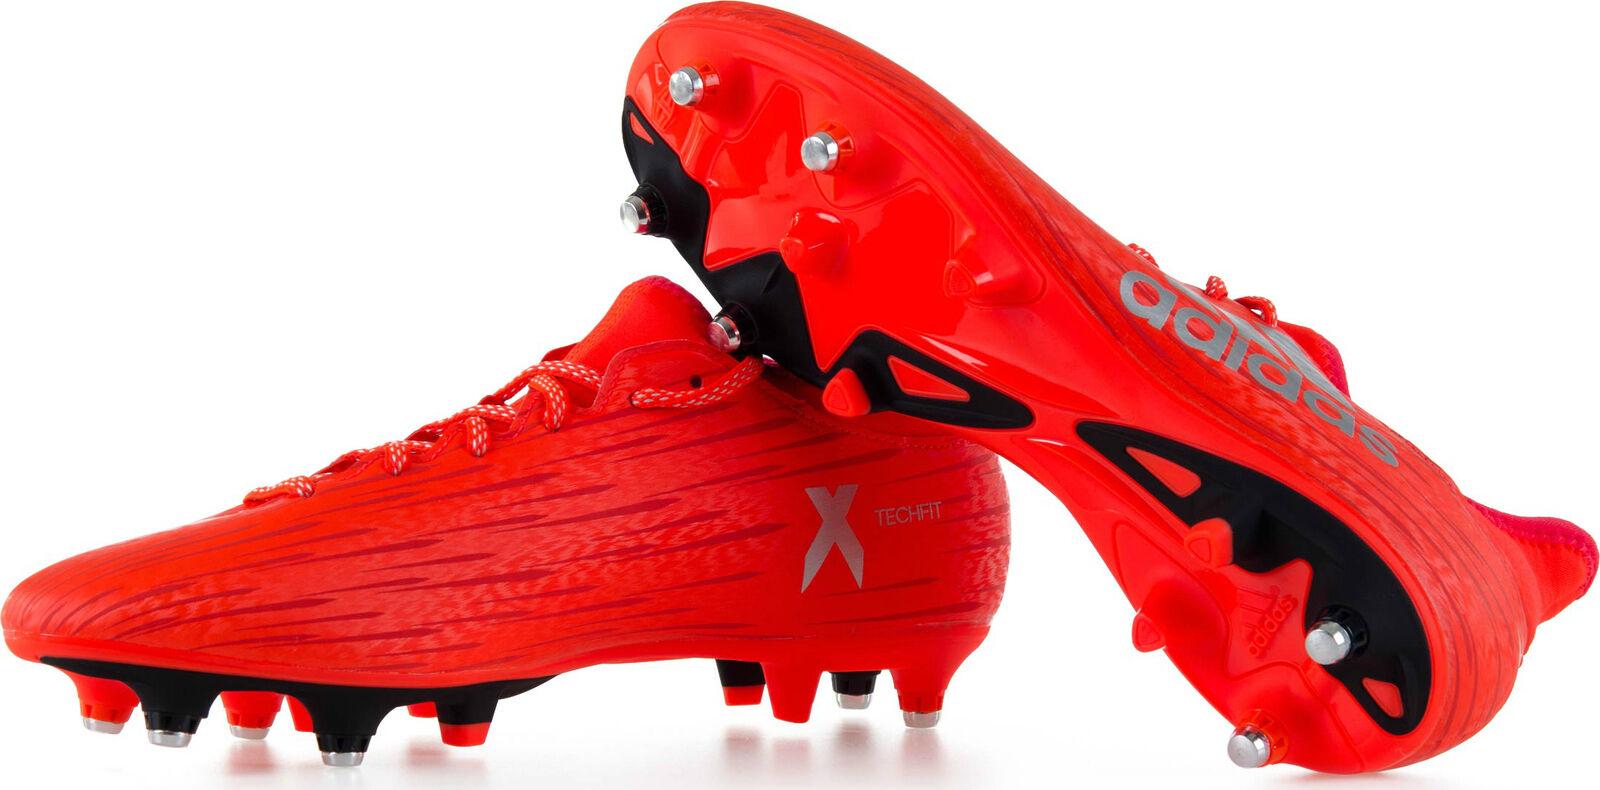 FW17 Adidas X16.3 Sg Zapatos Bota Fútbol Soccer Techfit Collar zapatos S79570